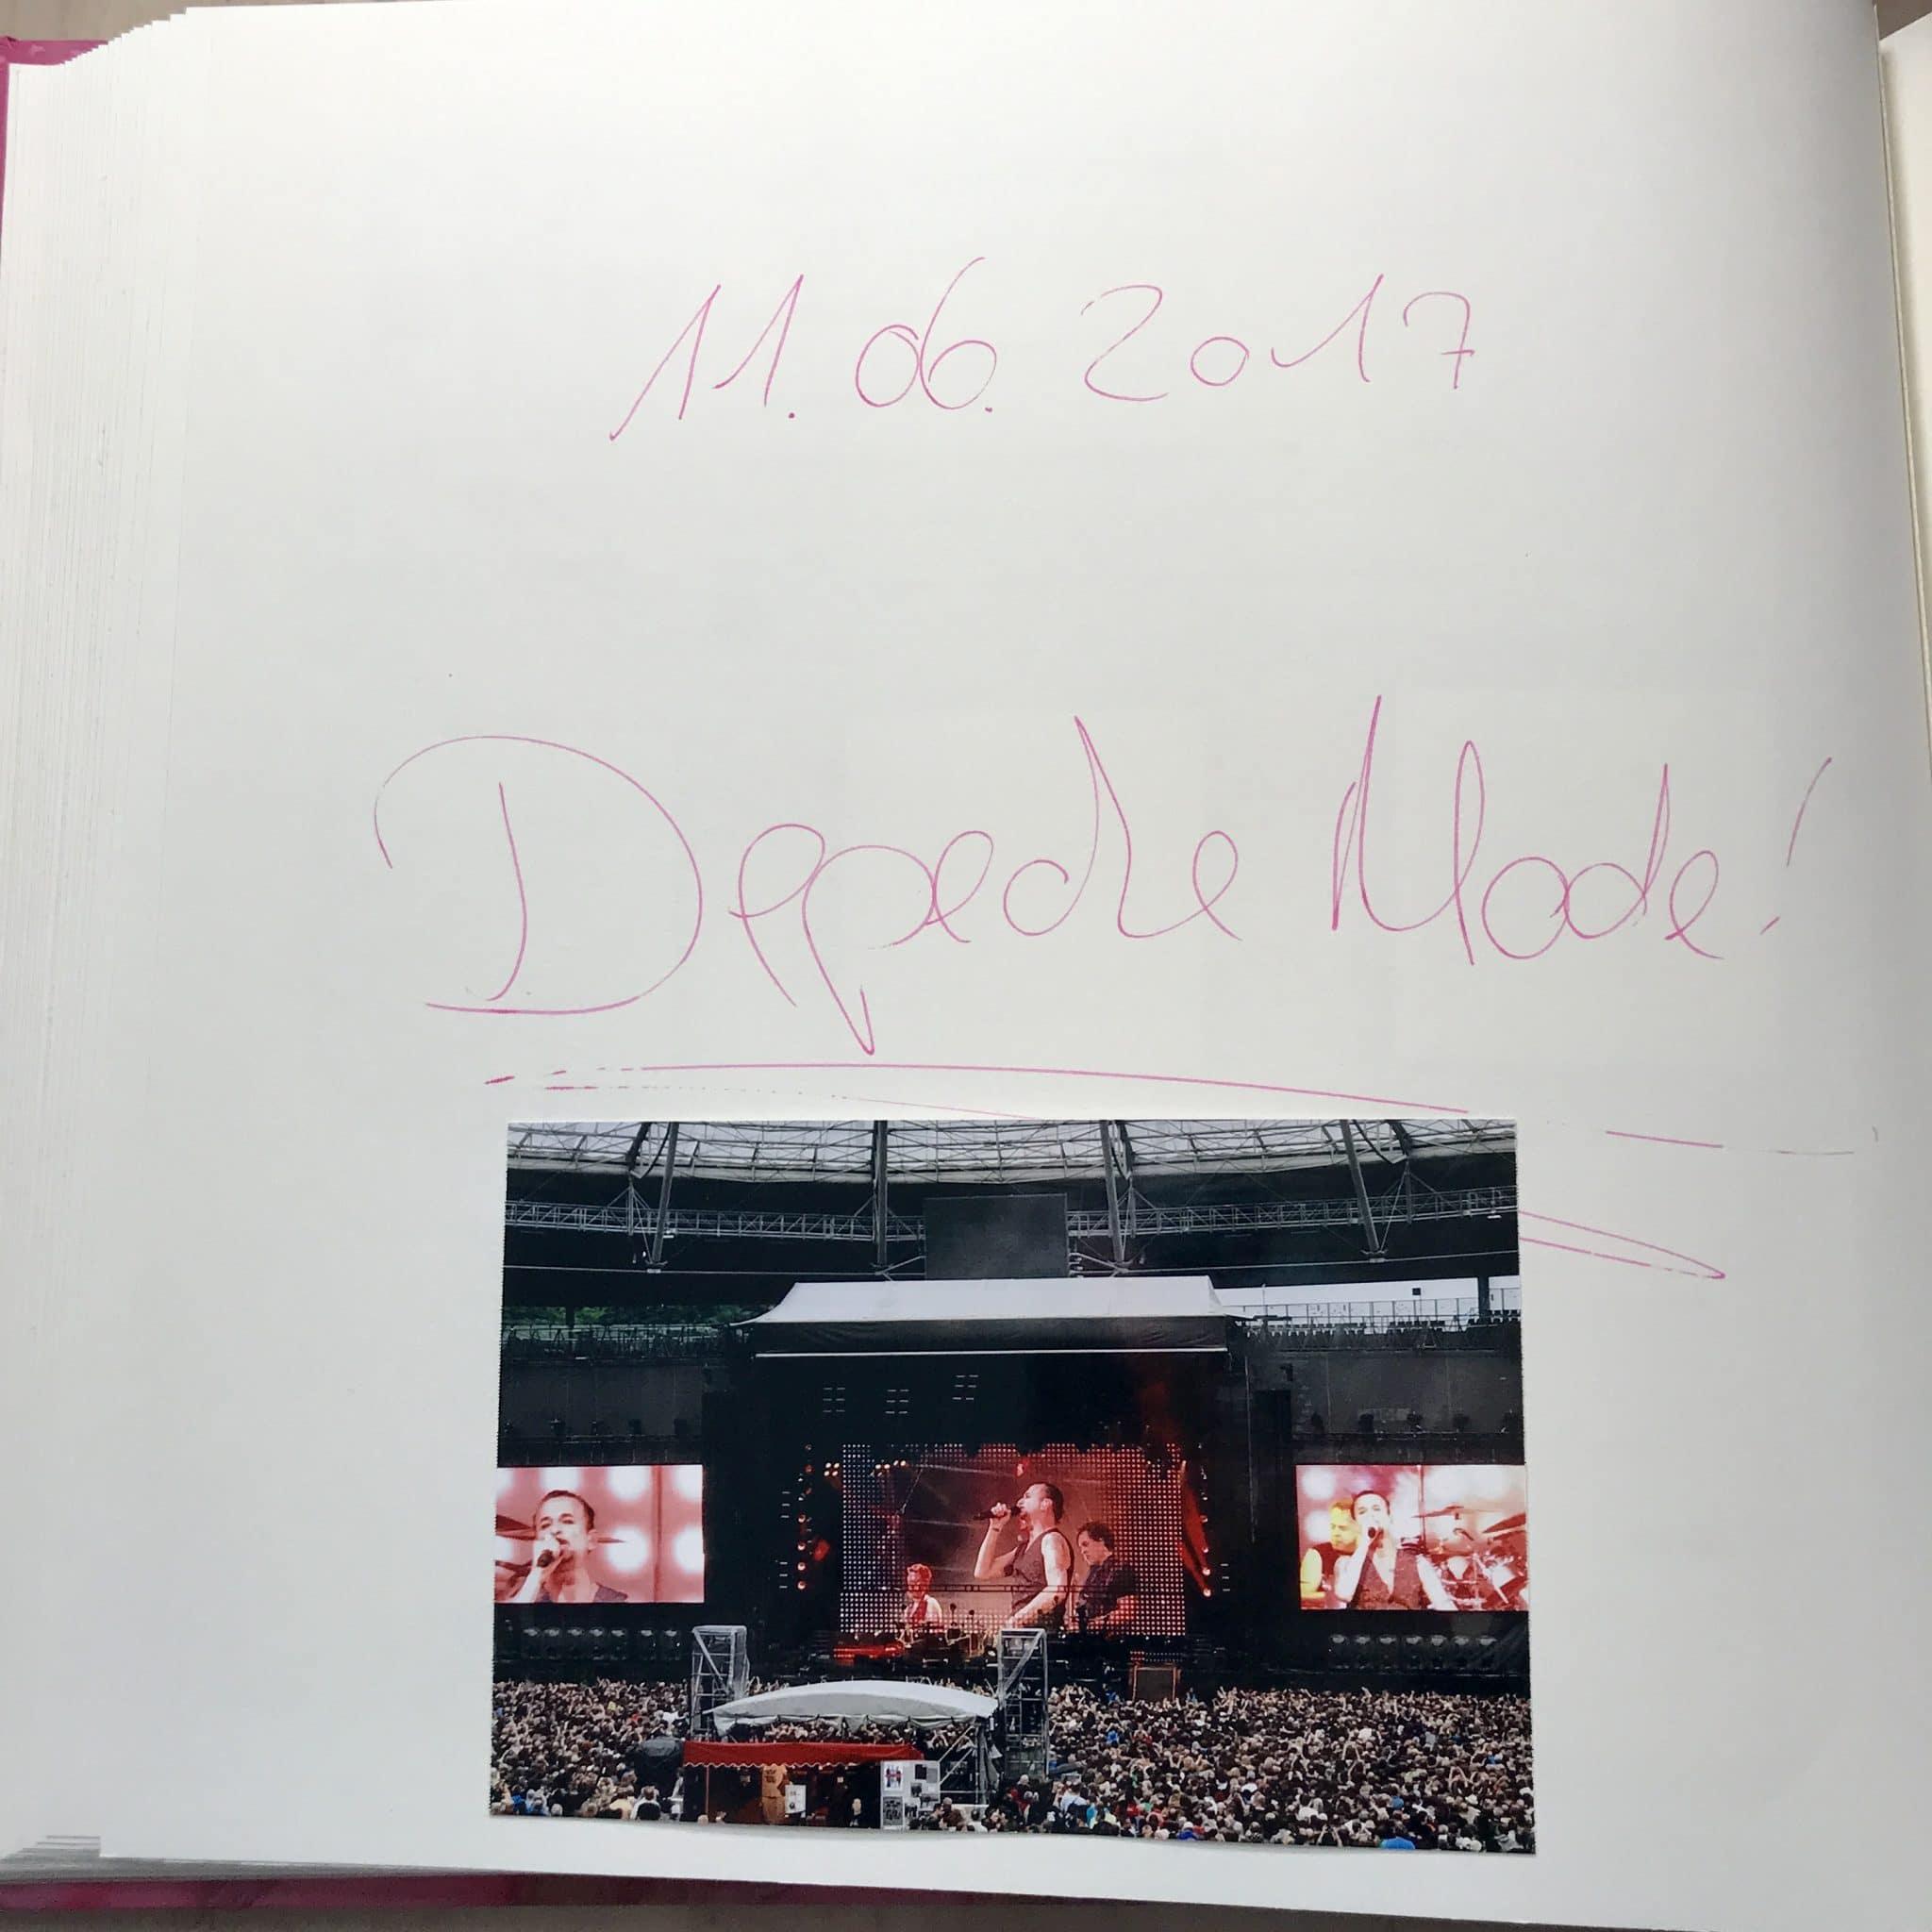 Titelseite der Sektion Depeche Mode mit einem Foto von der Bühne